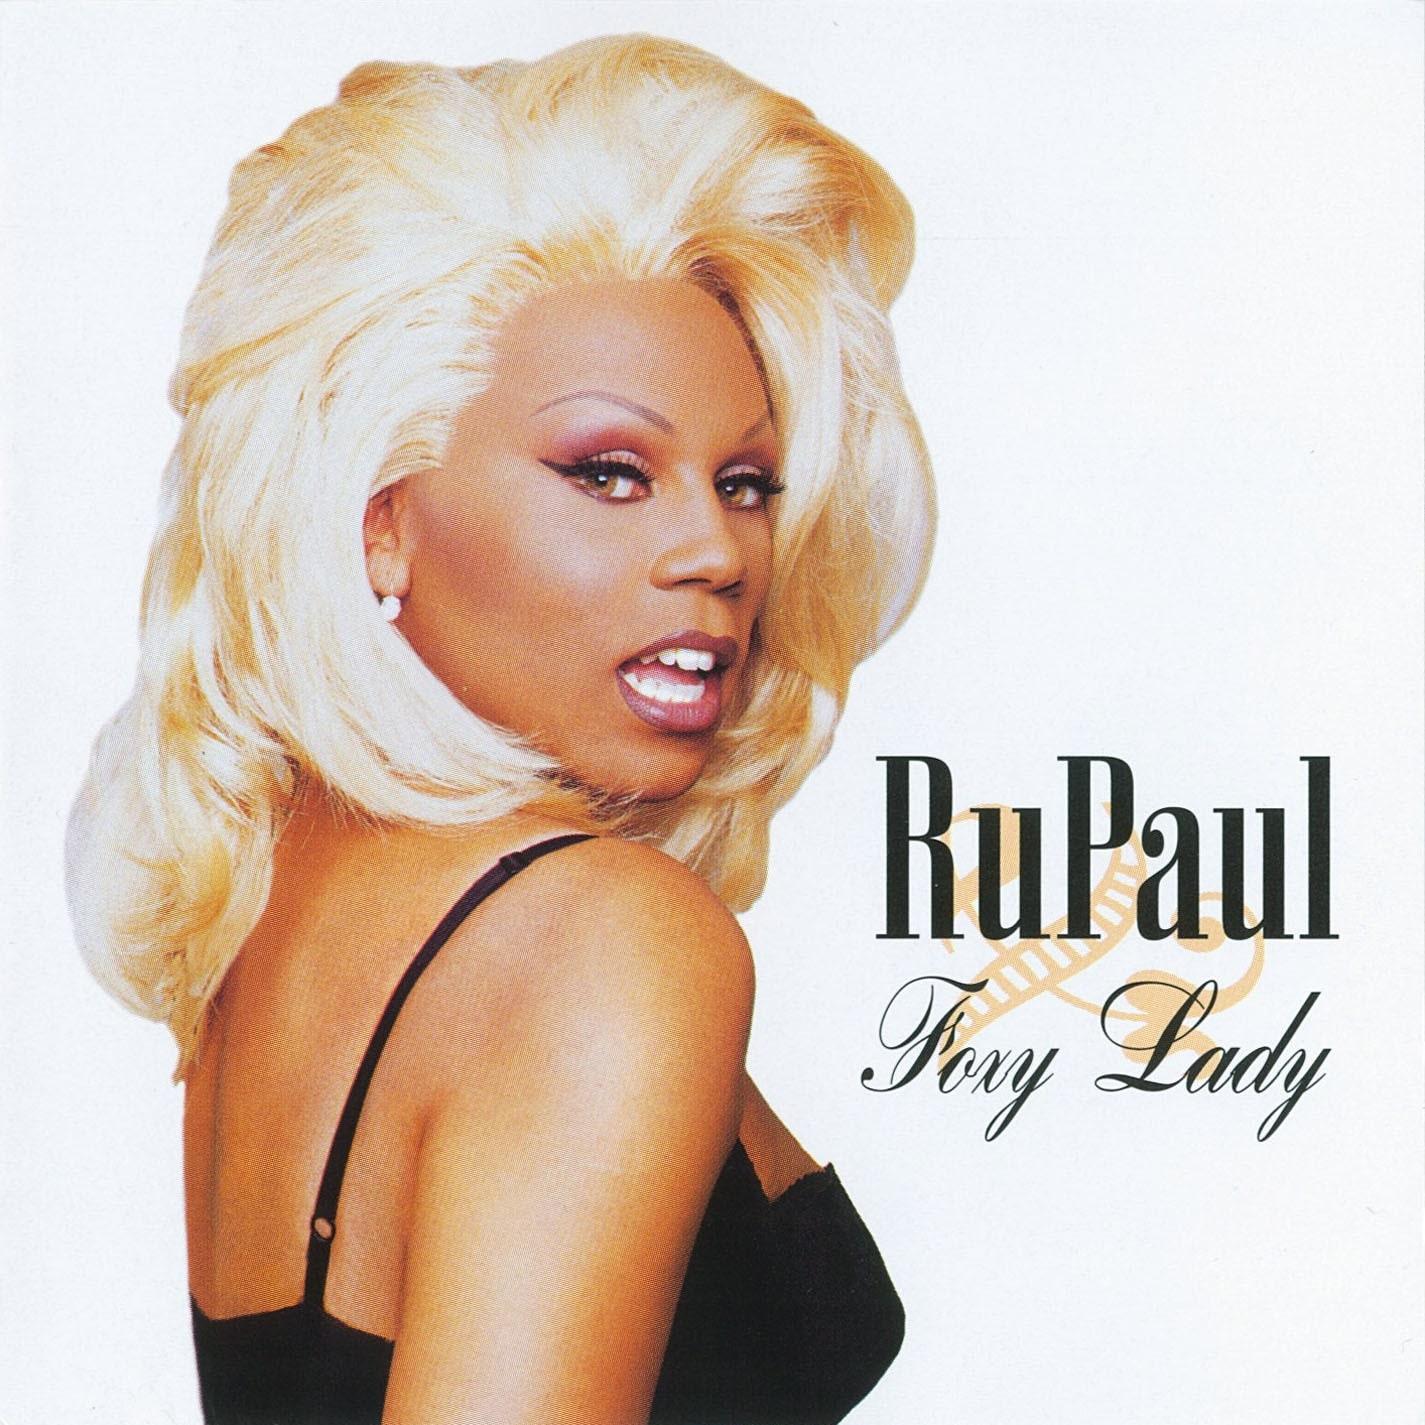 220px-RuPaul - Foxy Lady